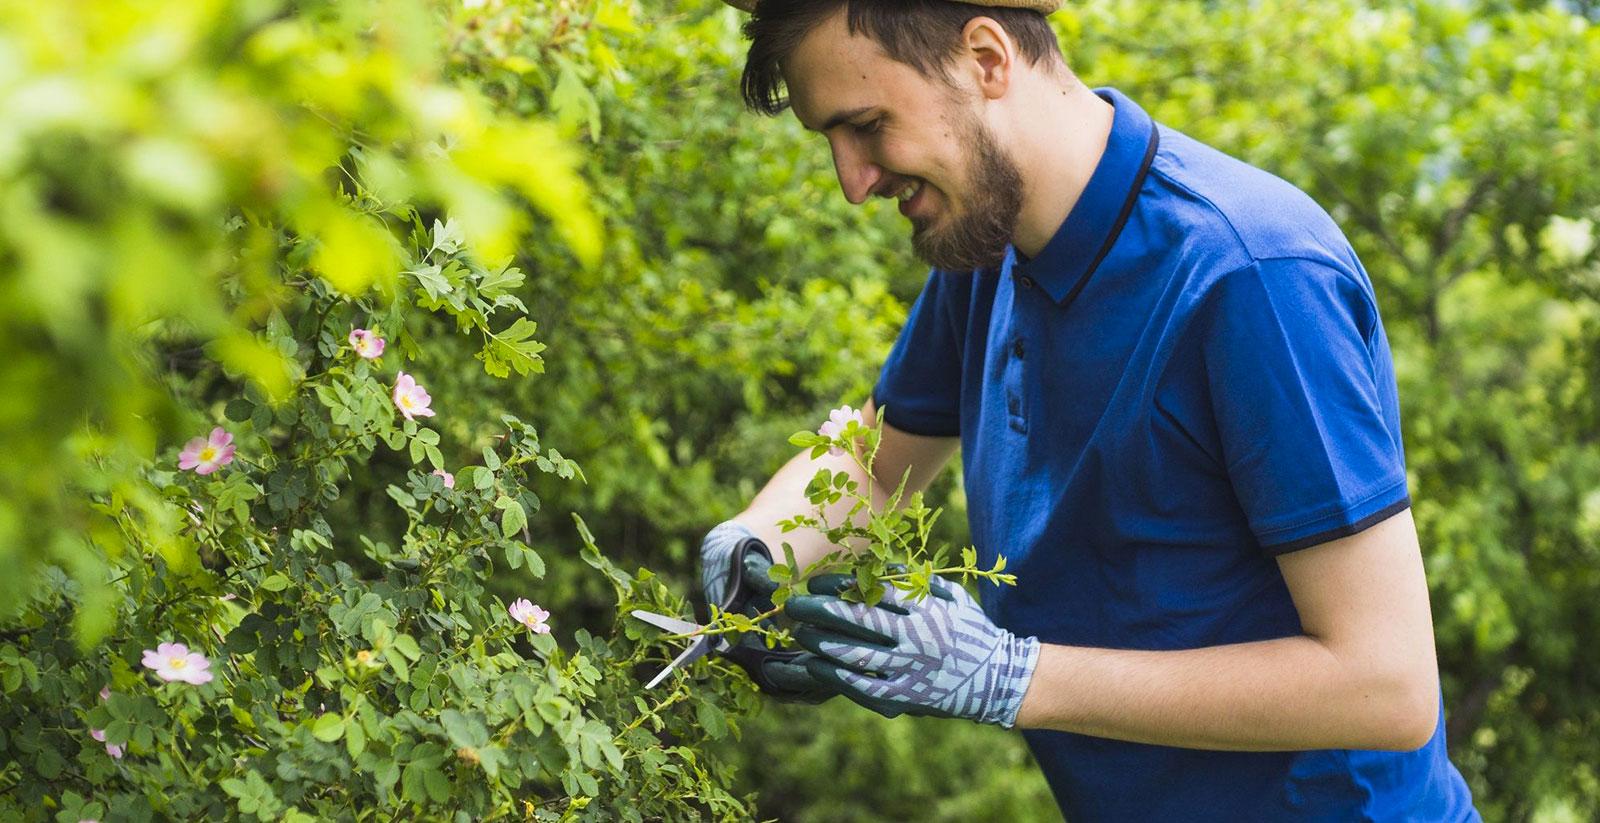 Trouver Un Jardinier A Domicile devenir aide à domicile : les métiers existants et